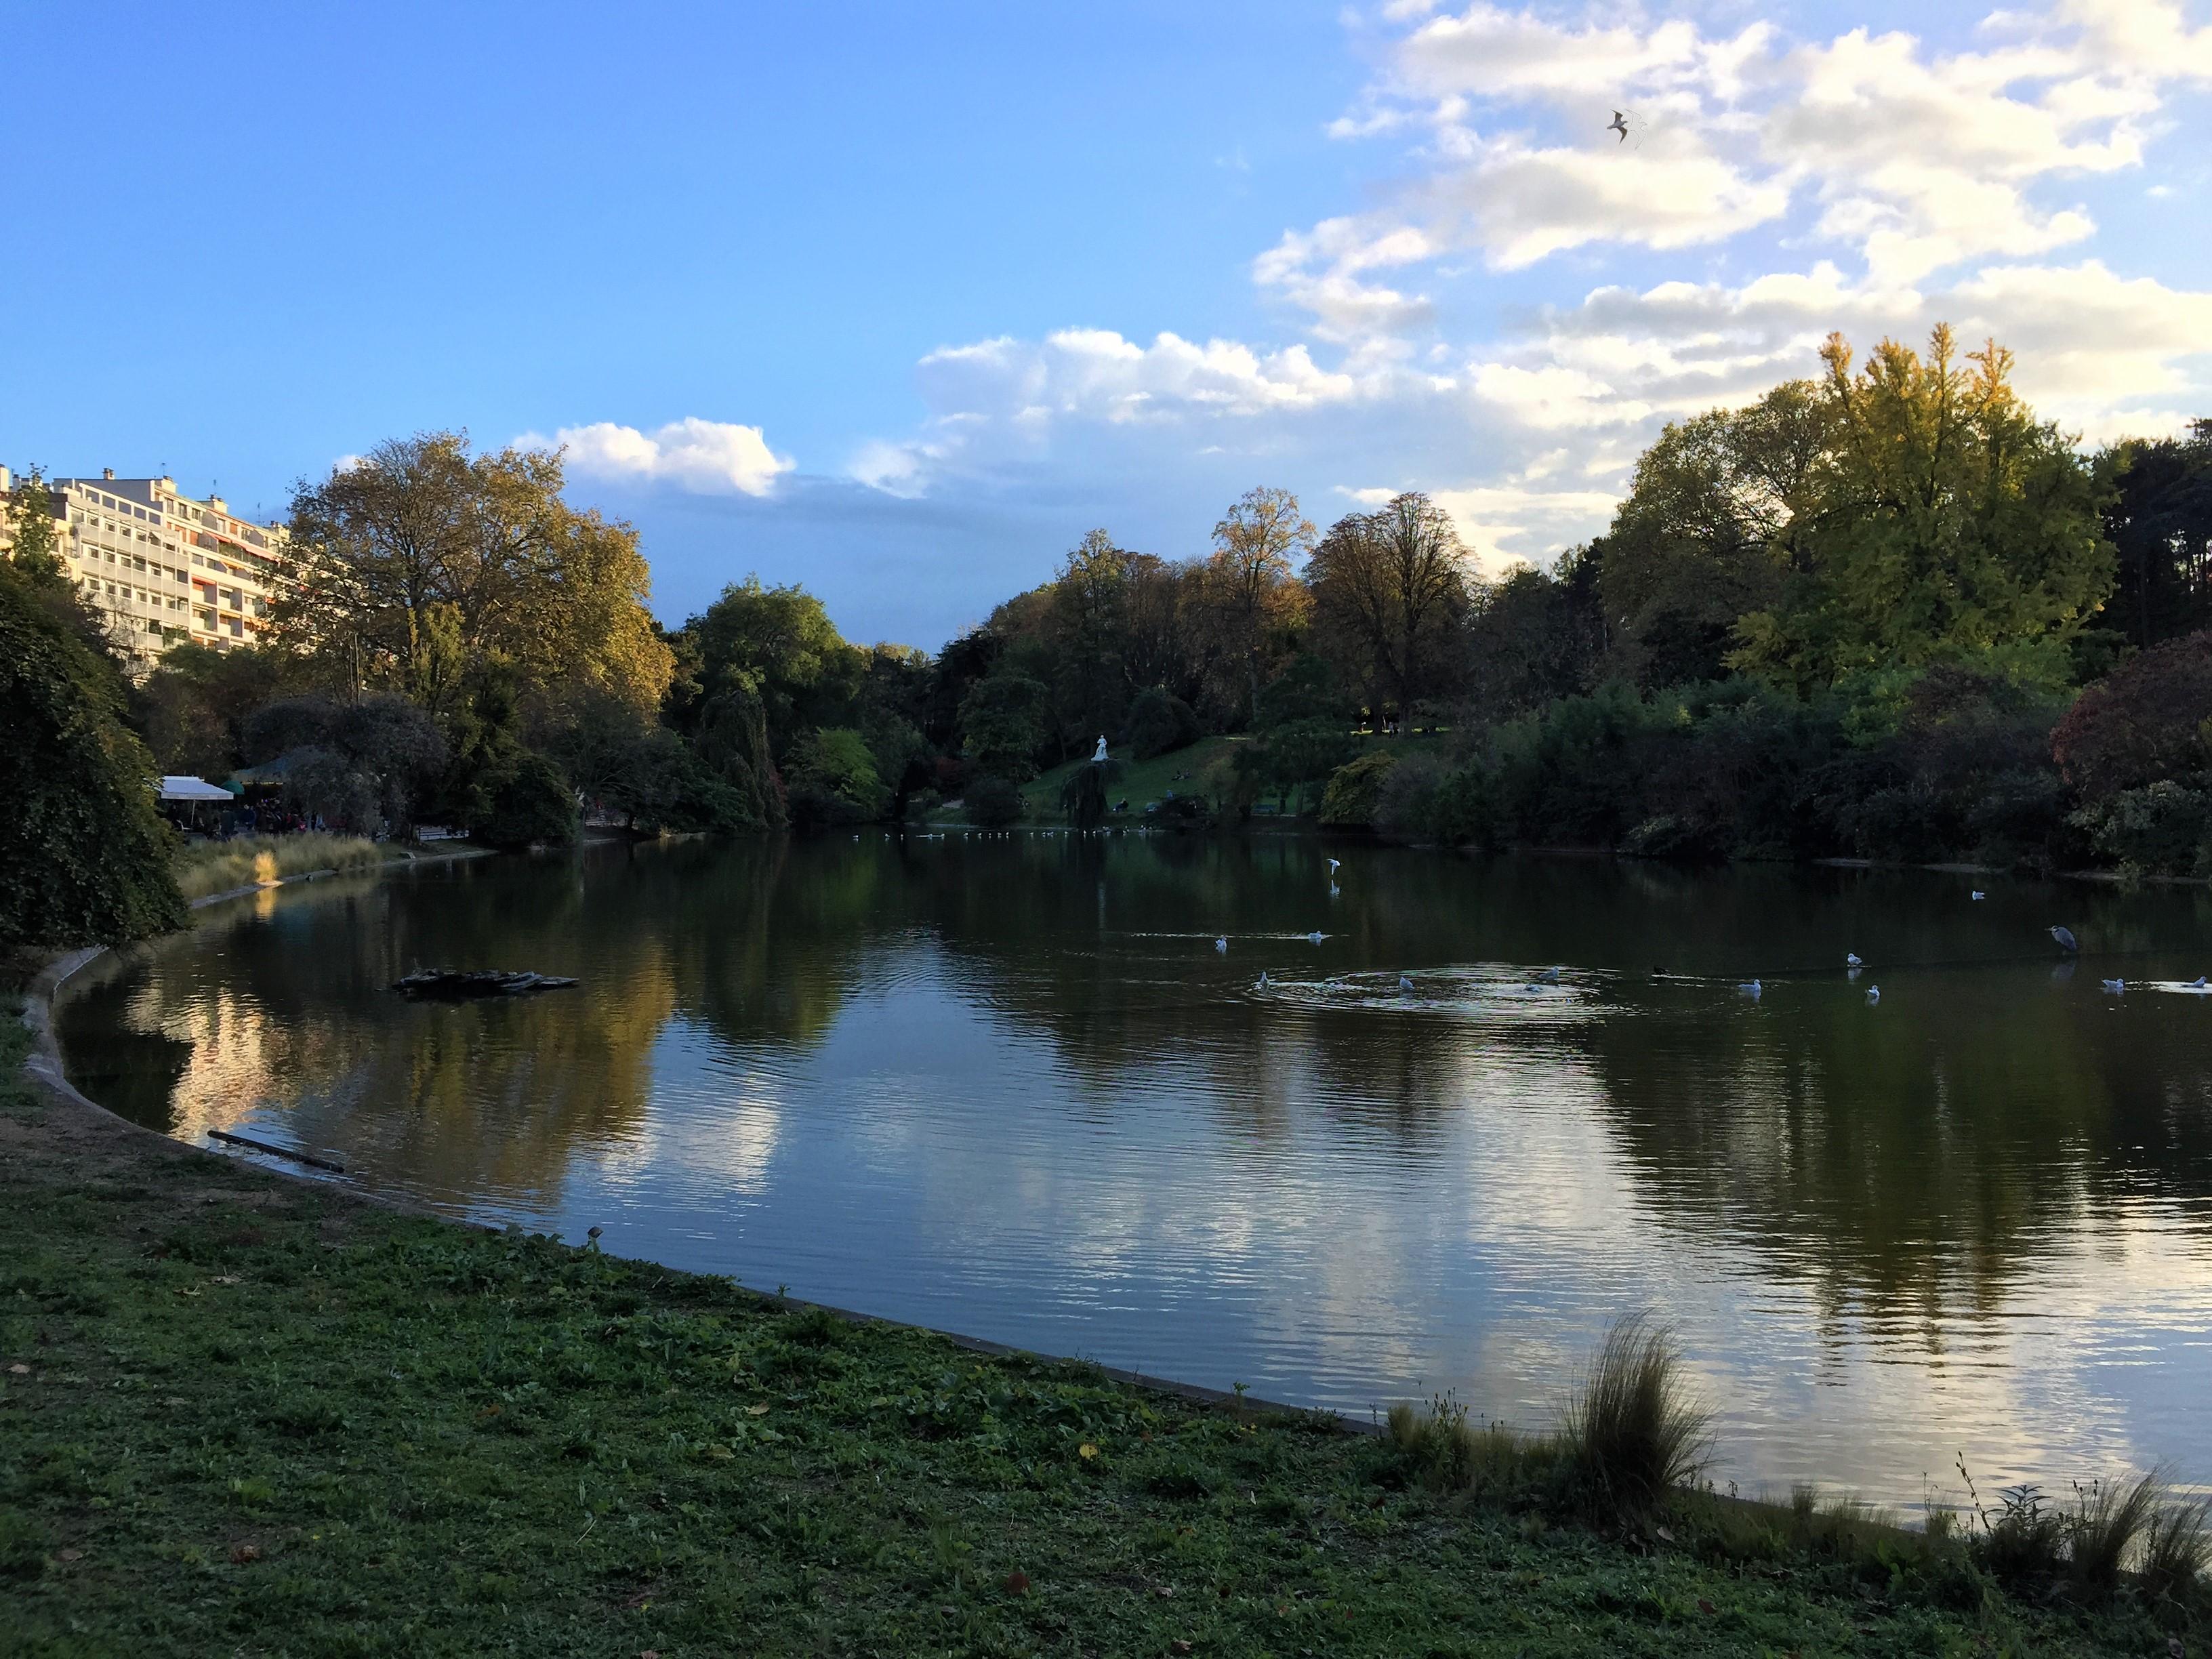 parc montsouris paris